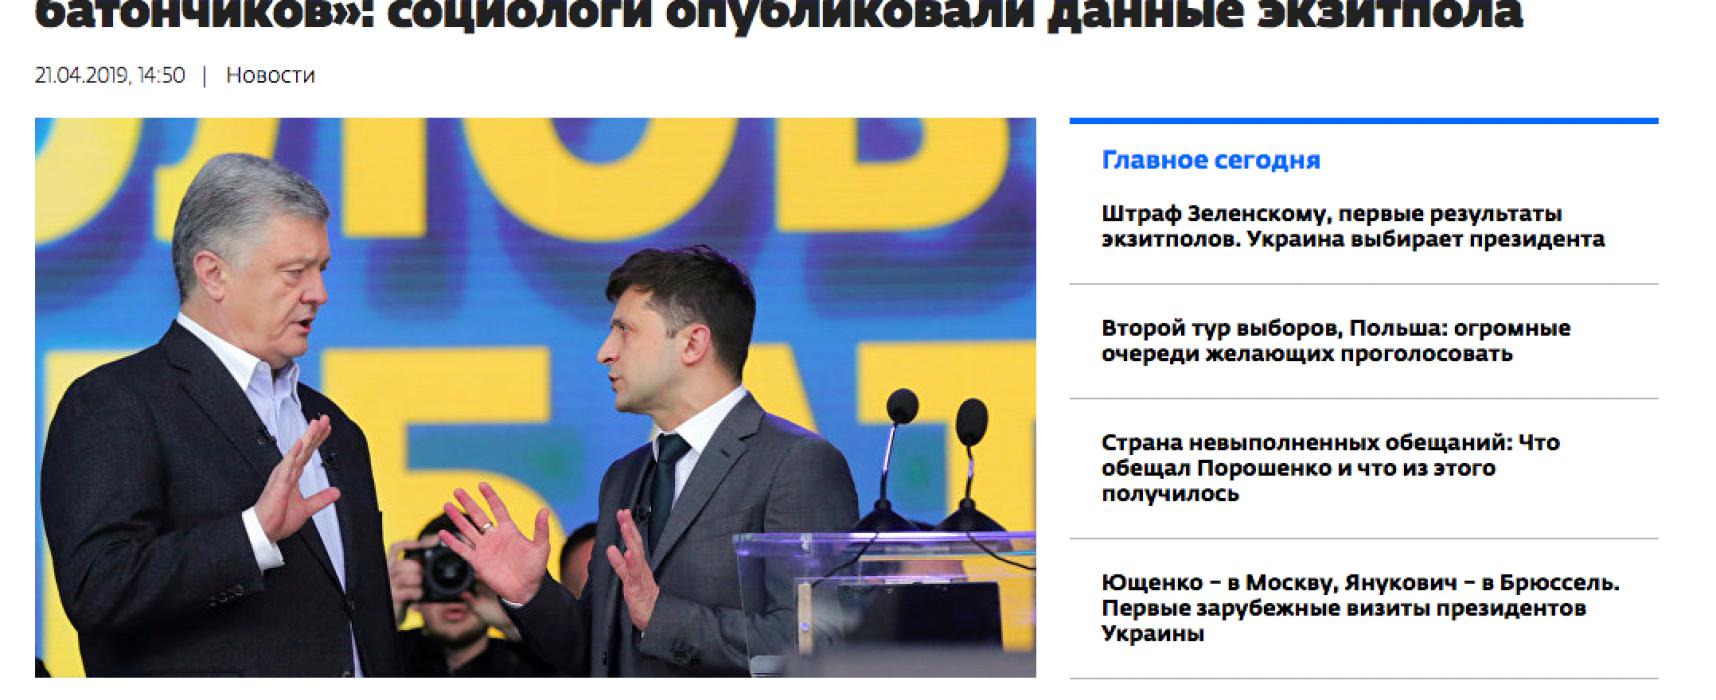 Fake: Russische Medien verbreiten angebliche Umfrageergebnisse der ukrainischen Präsidentschaftswahlen